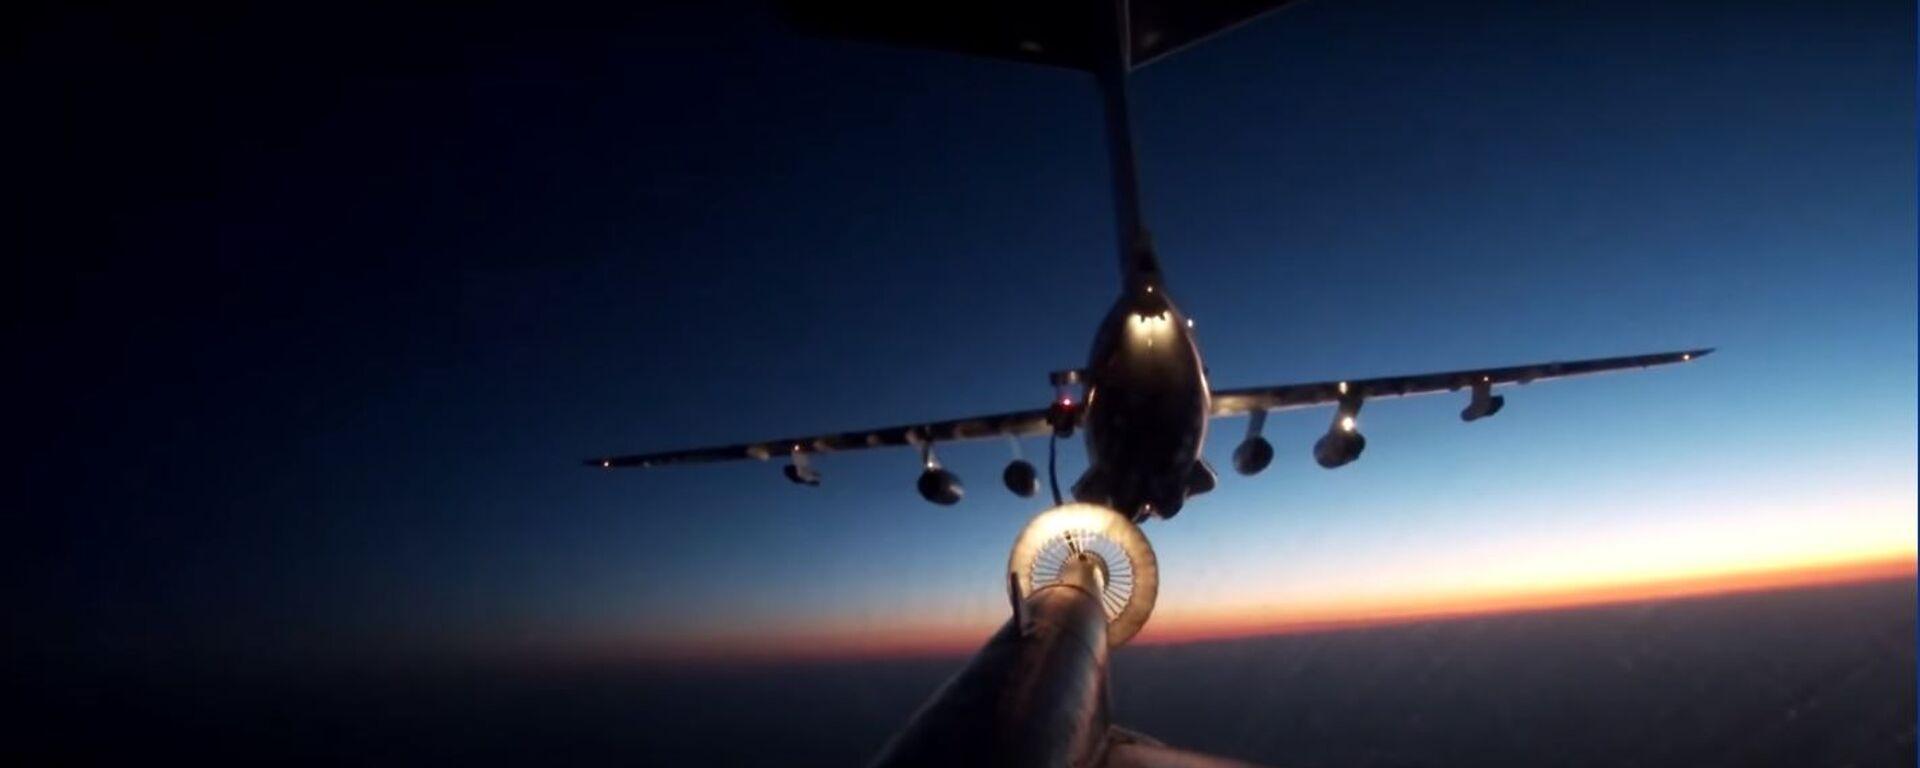 Ночная дозаправка в воздухе экипажа Ту-95МС ВКС России - Sputnik Таджикистан, 1920, 05.10.2020